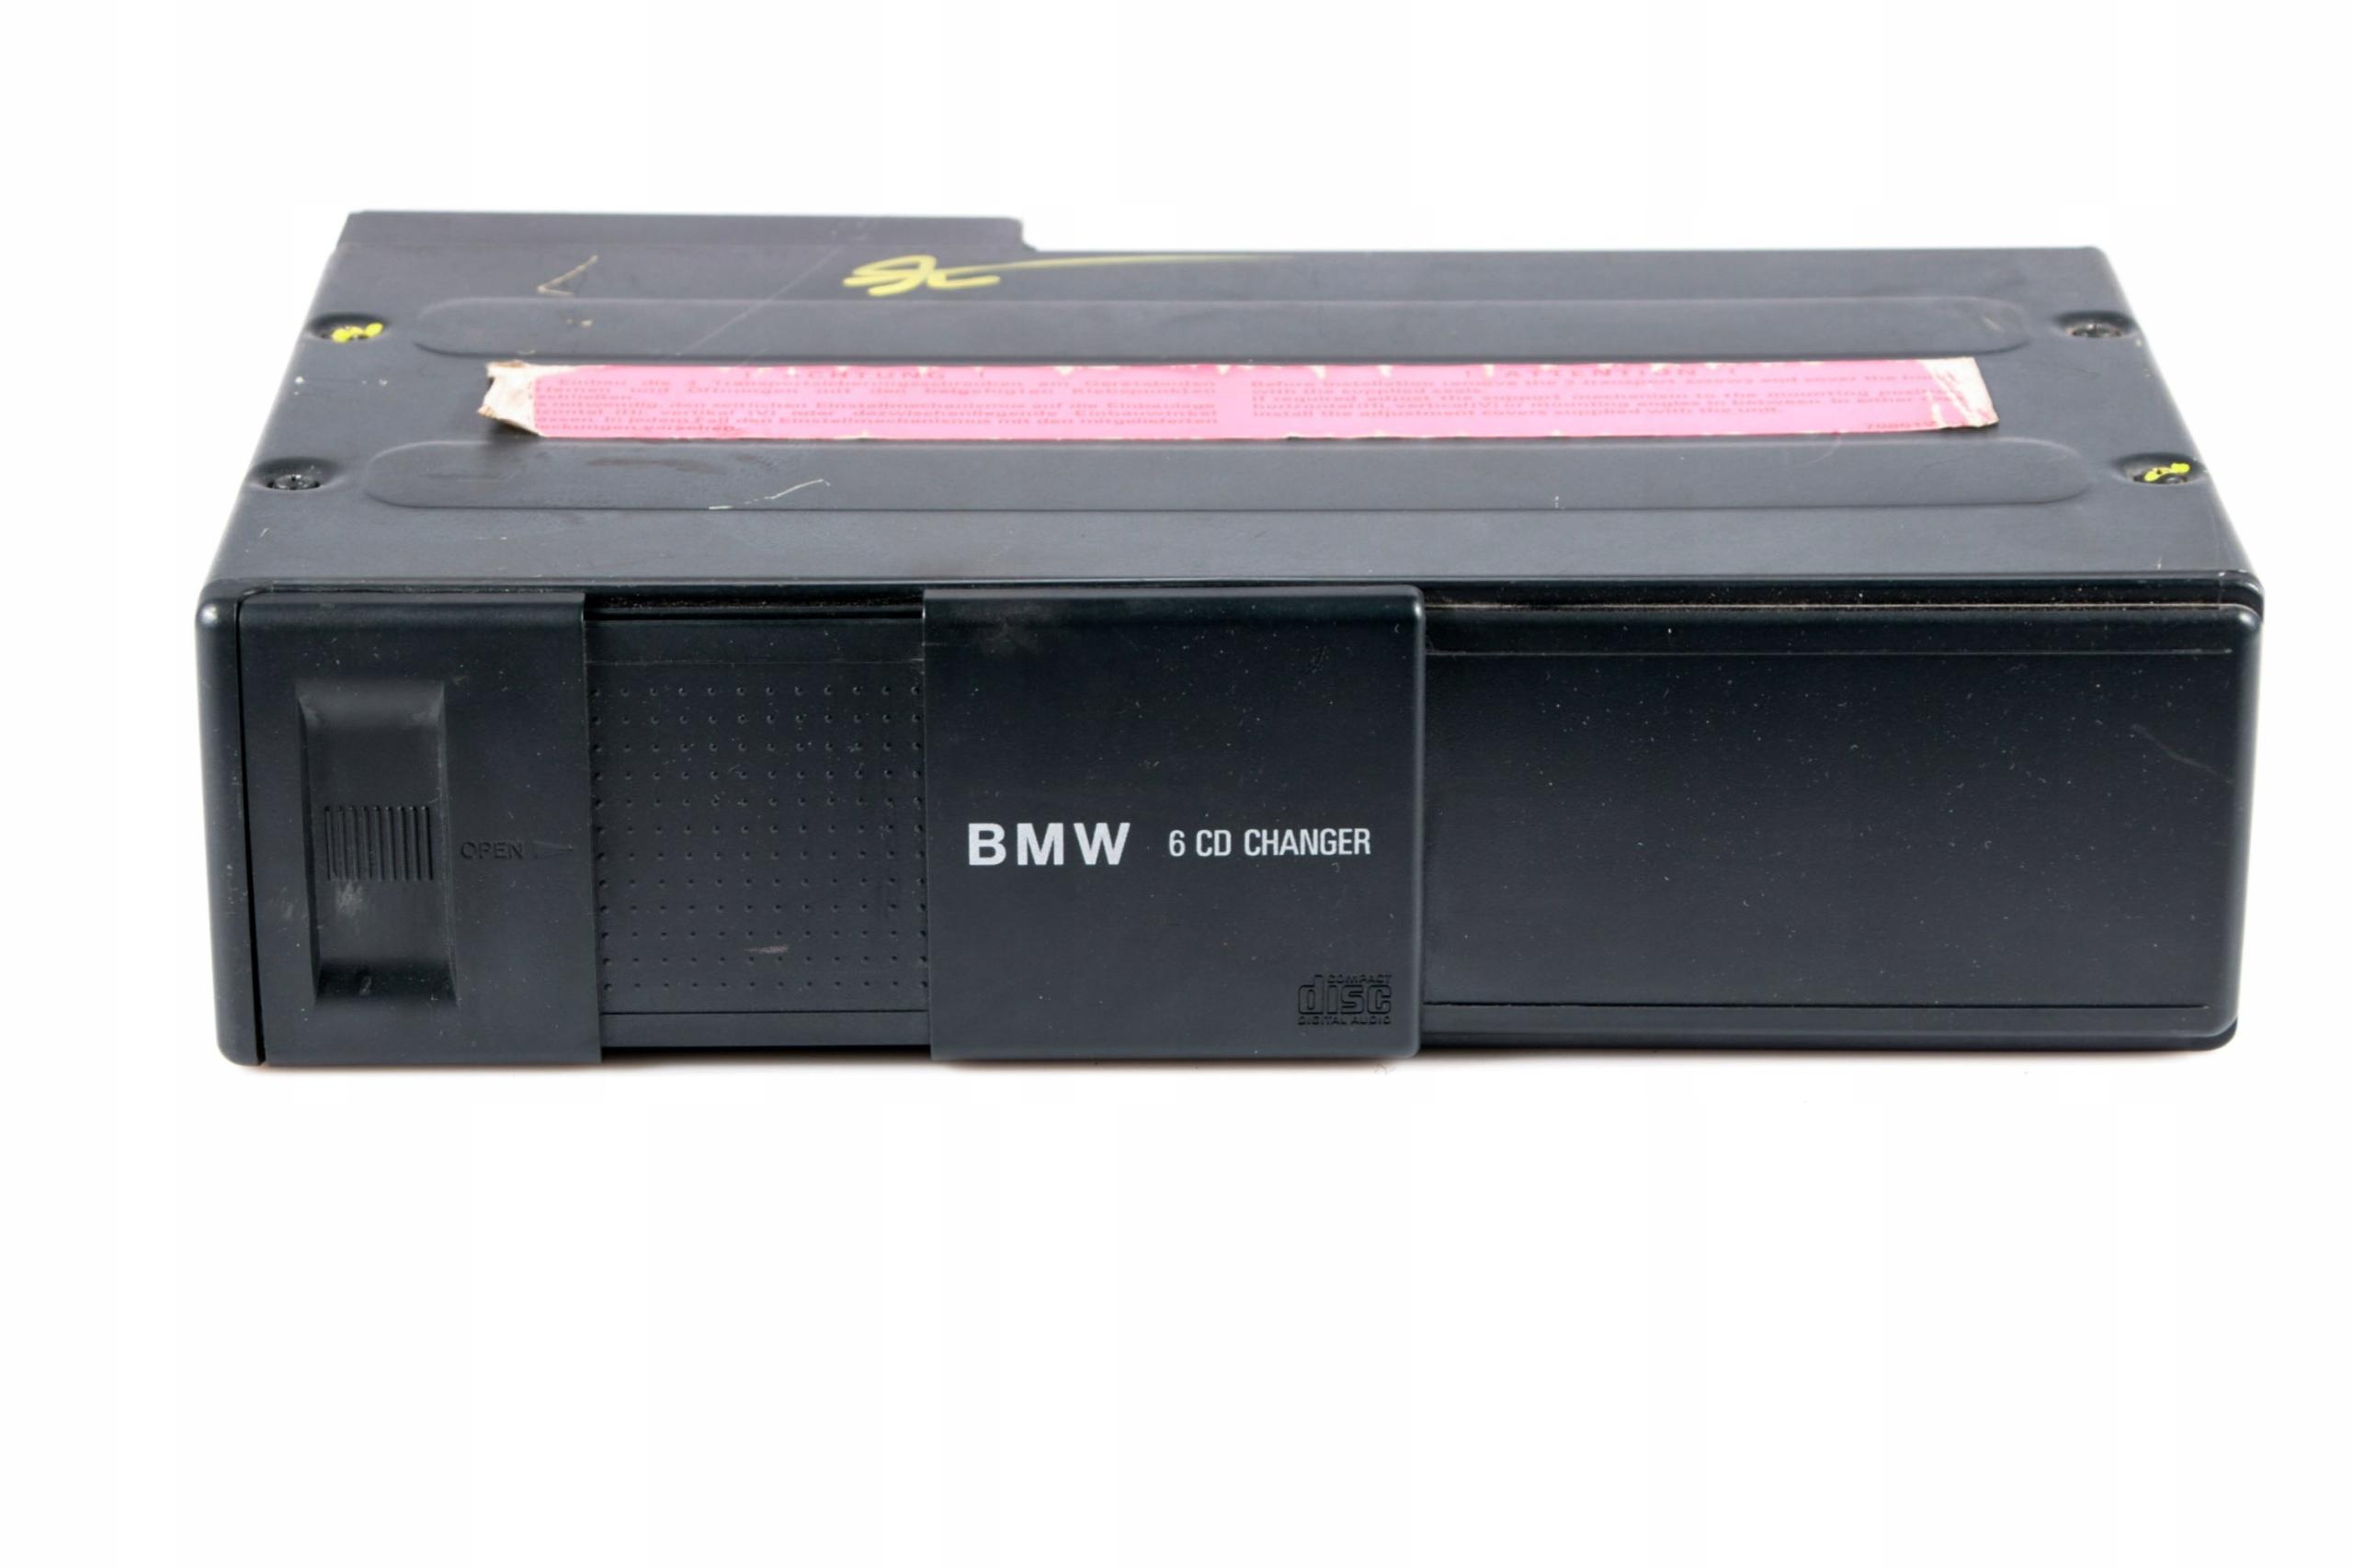 bmw оригинальная cd-чейнджер плит cd 6cd 8377049